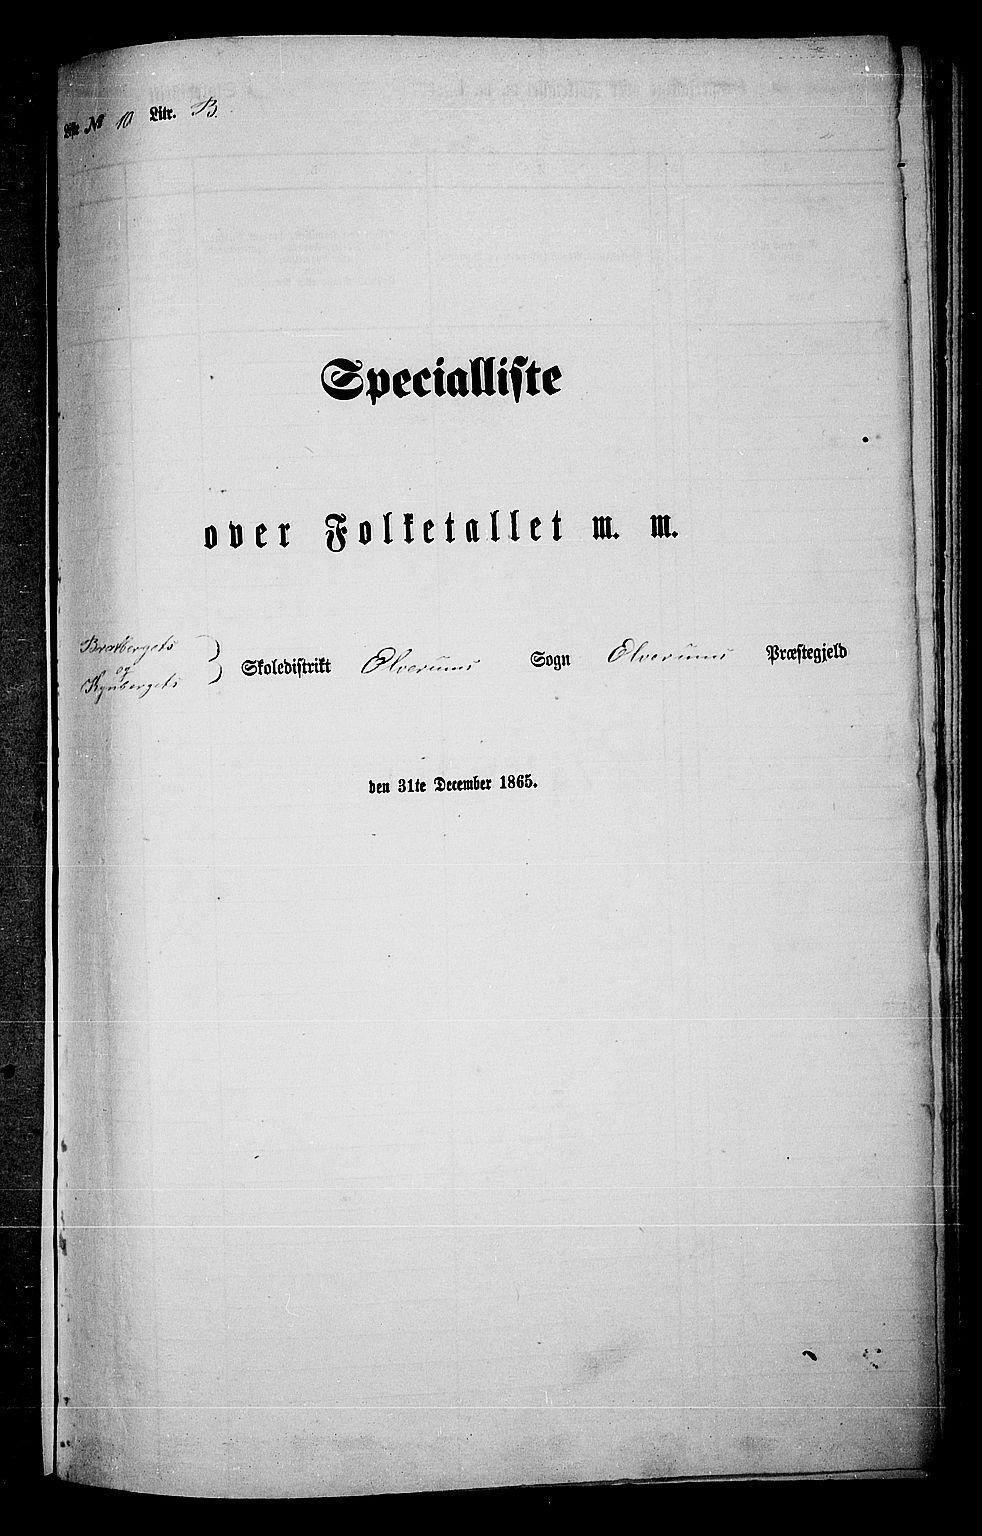 RA, Folketelling 1865 for 0427P Elverum prestegjeld, 1865, s. 228